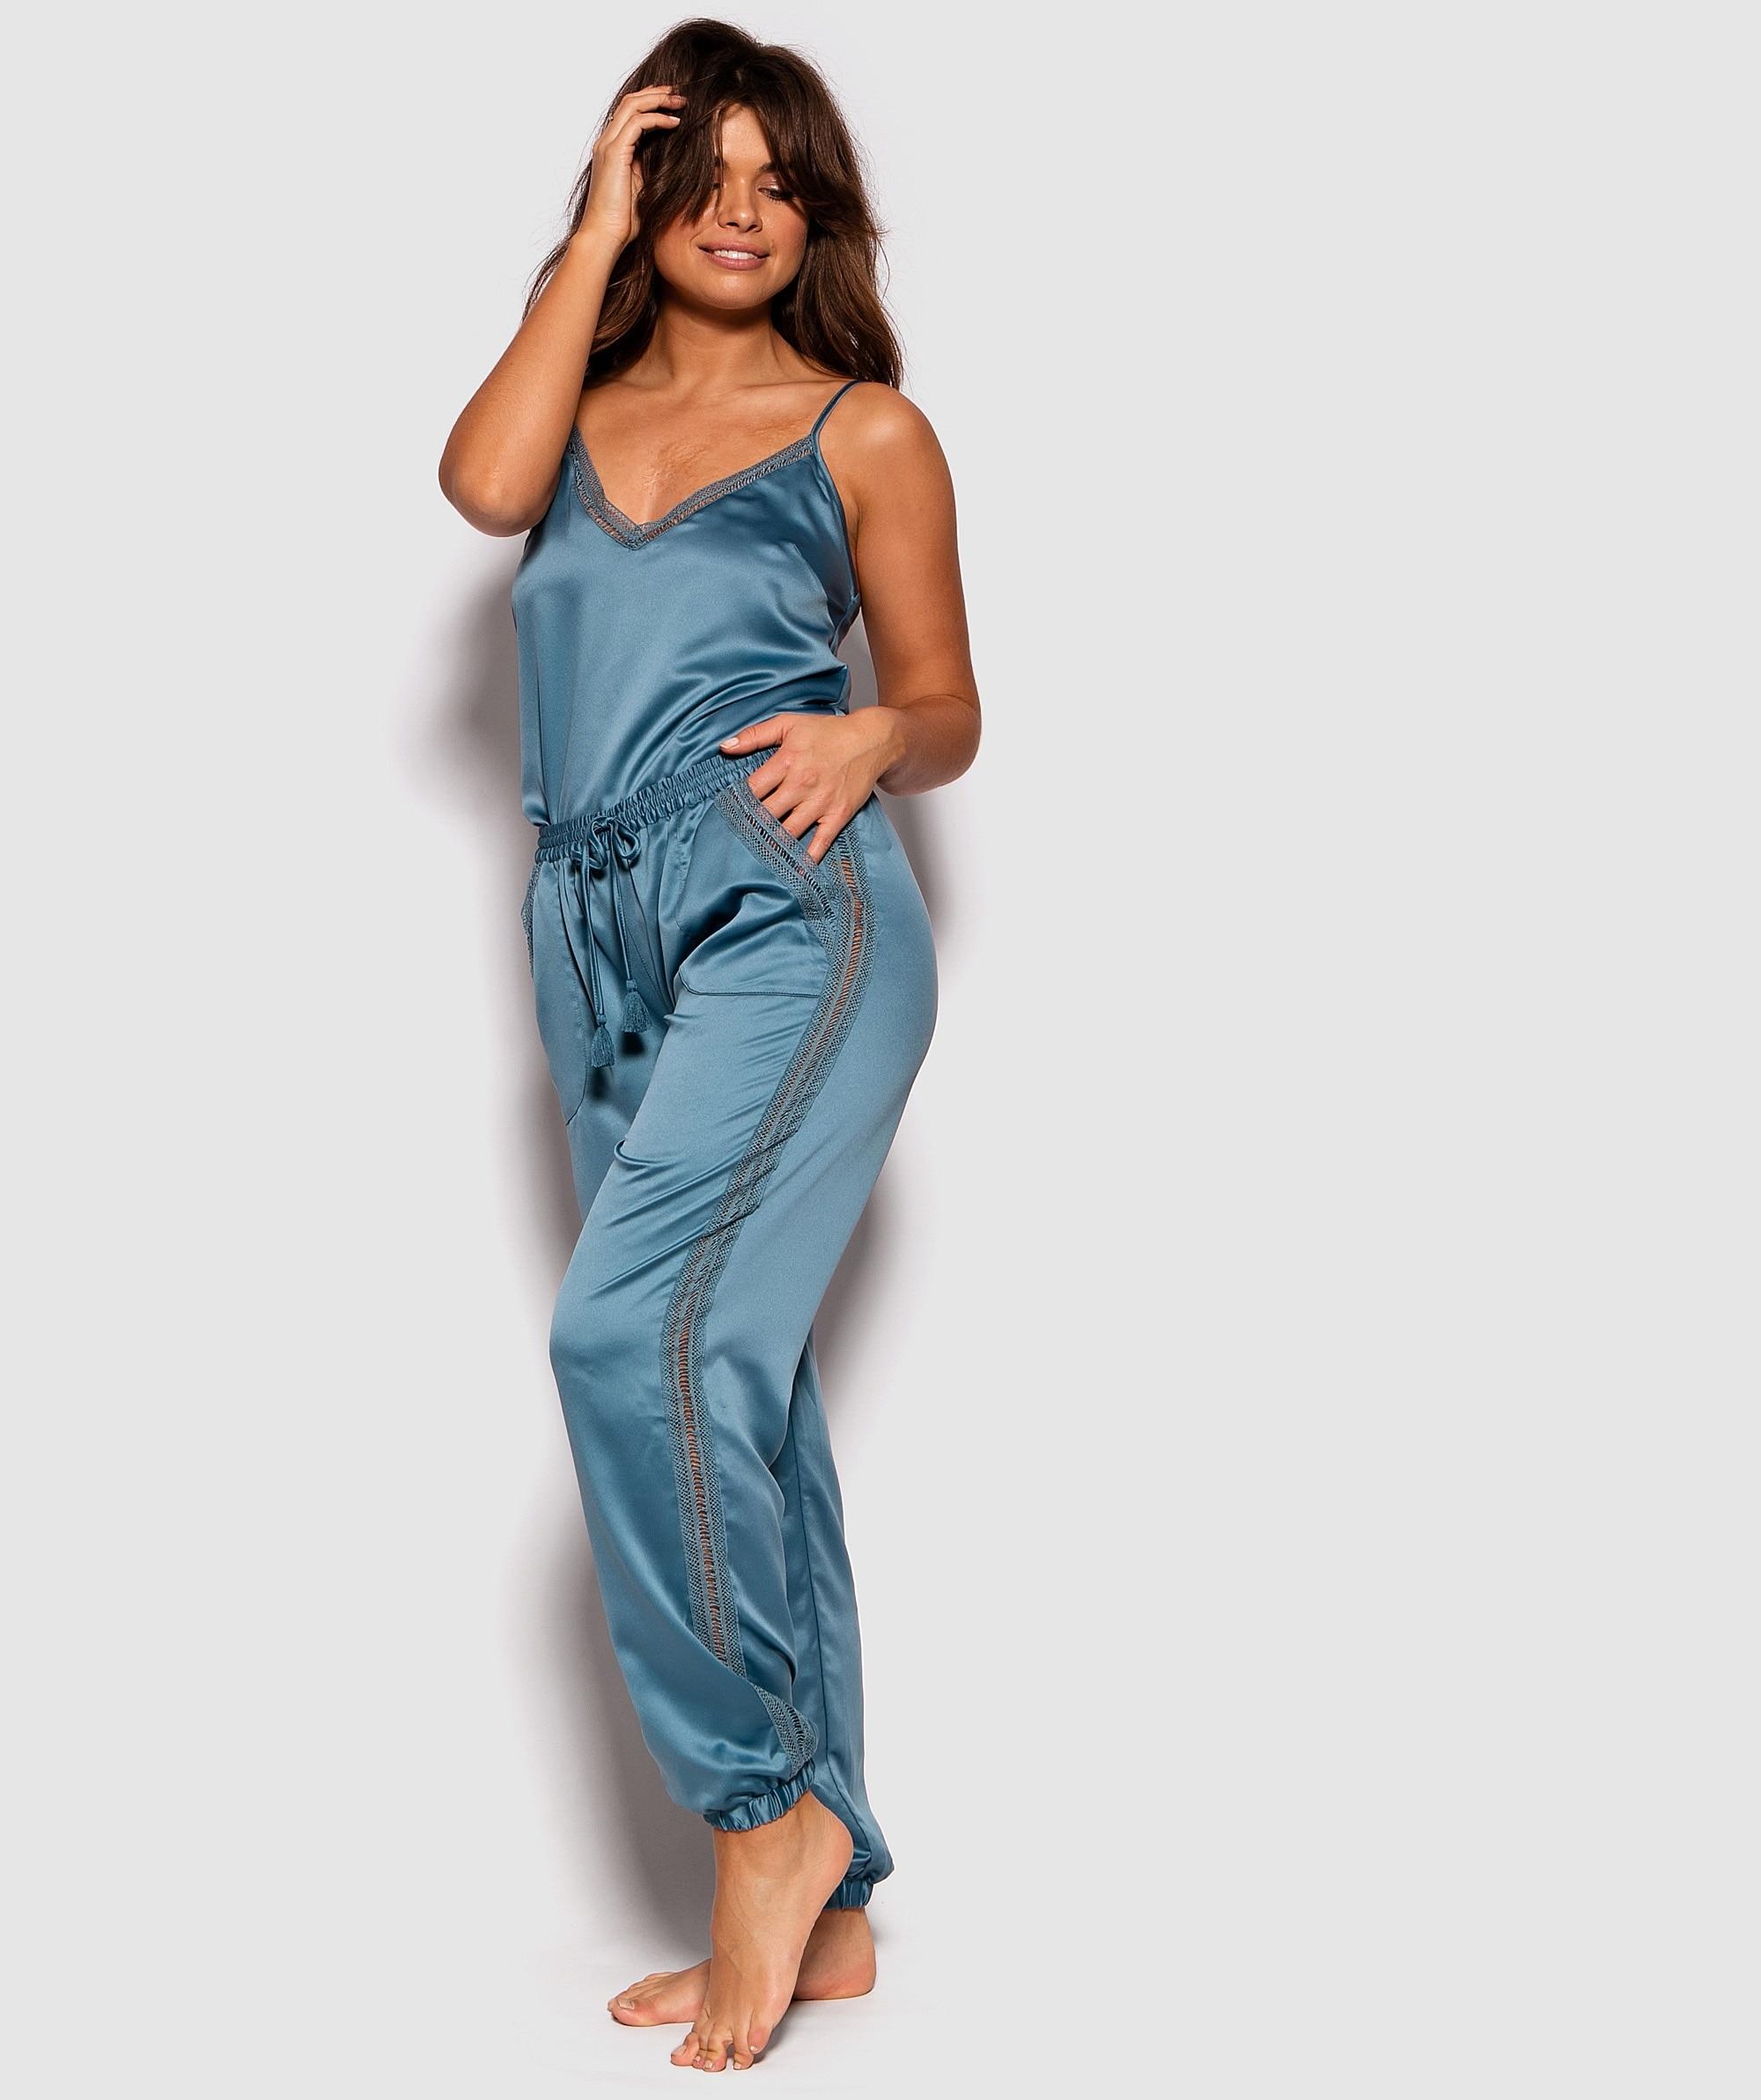 Batik Beauty Lace Trim Jogger Pants - Blue